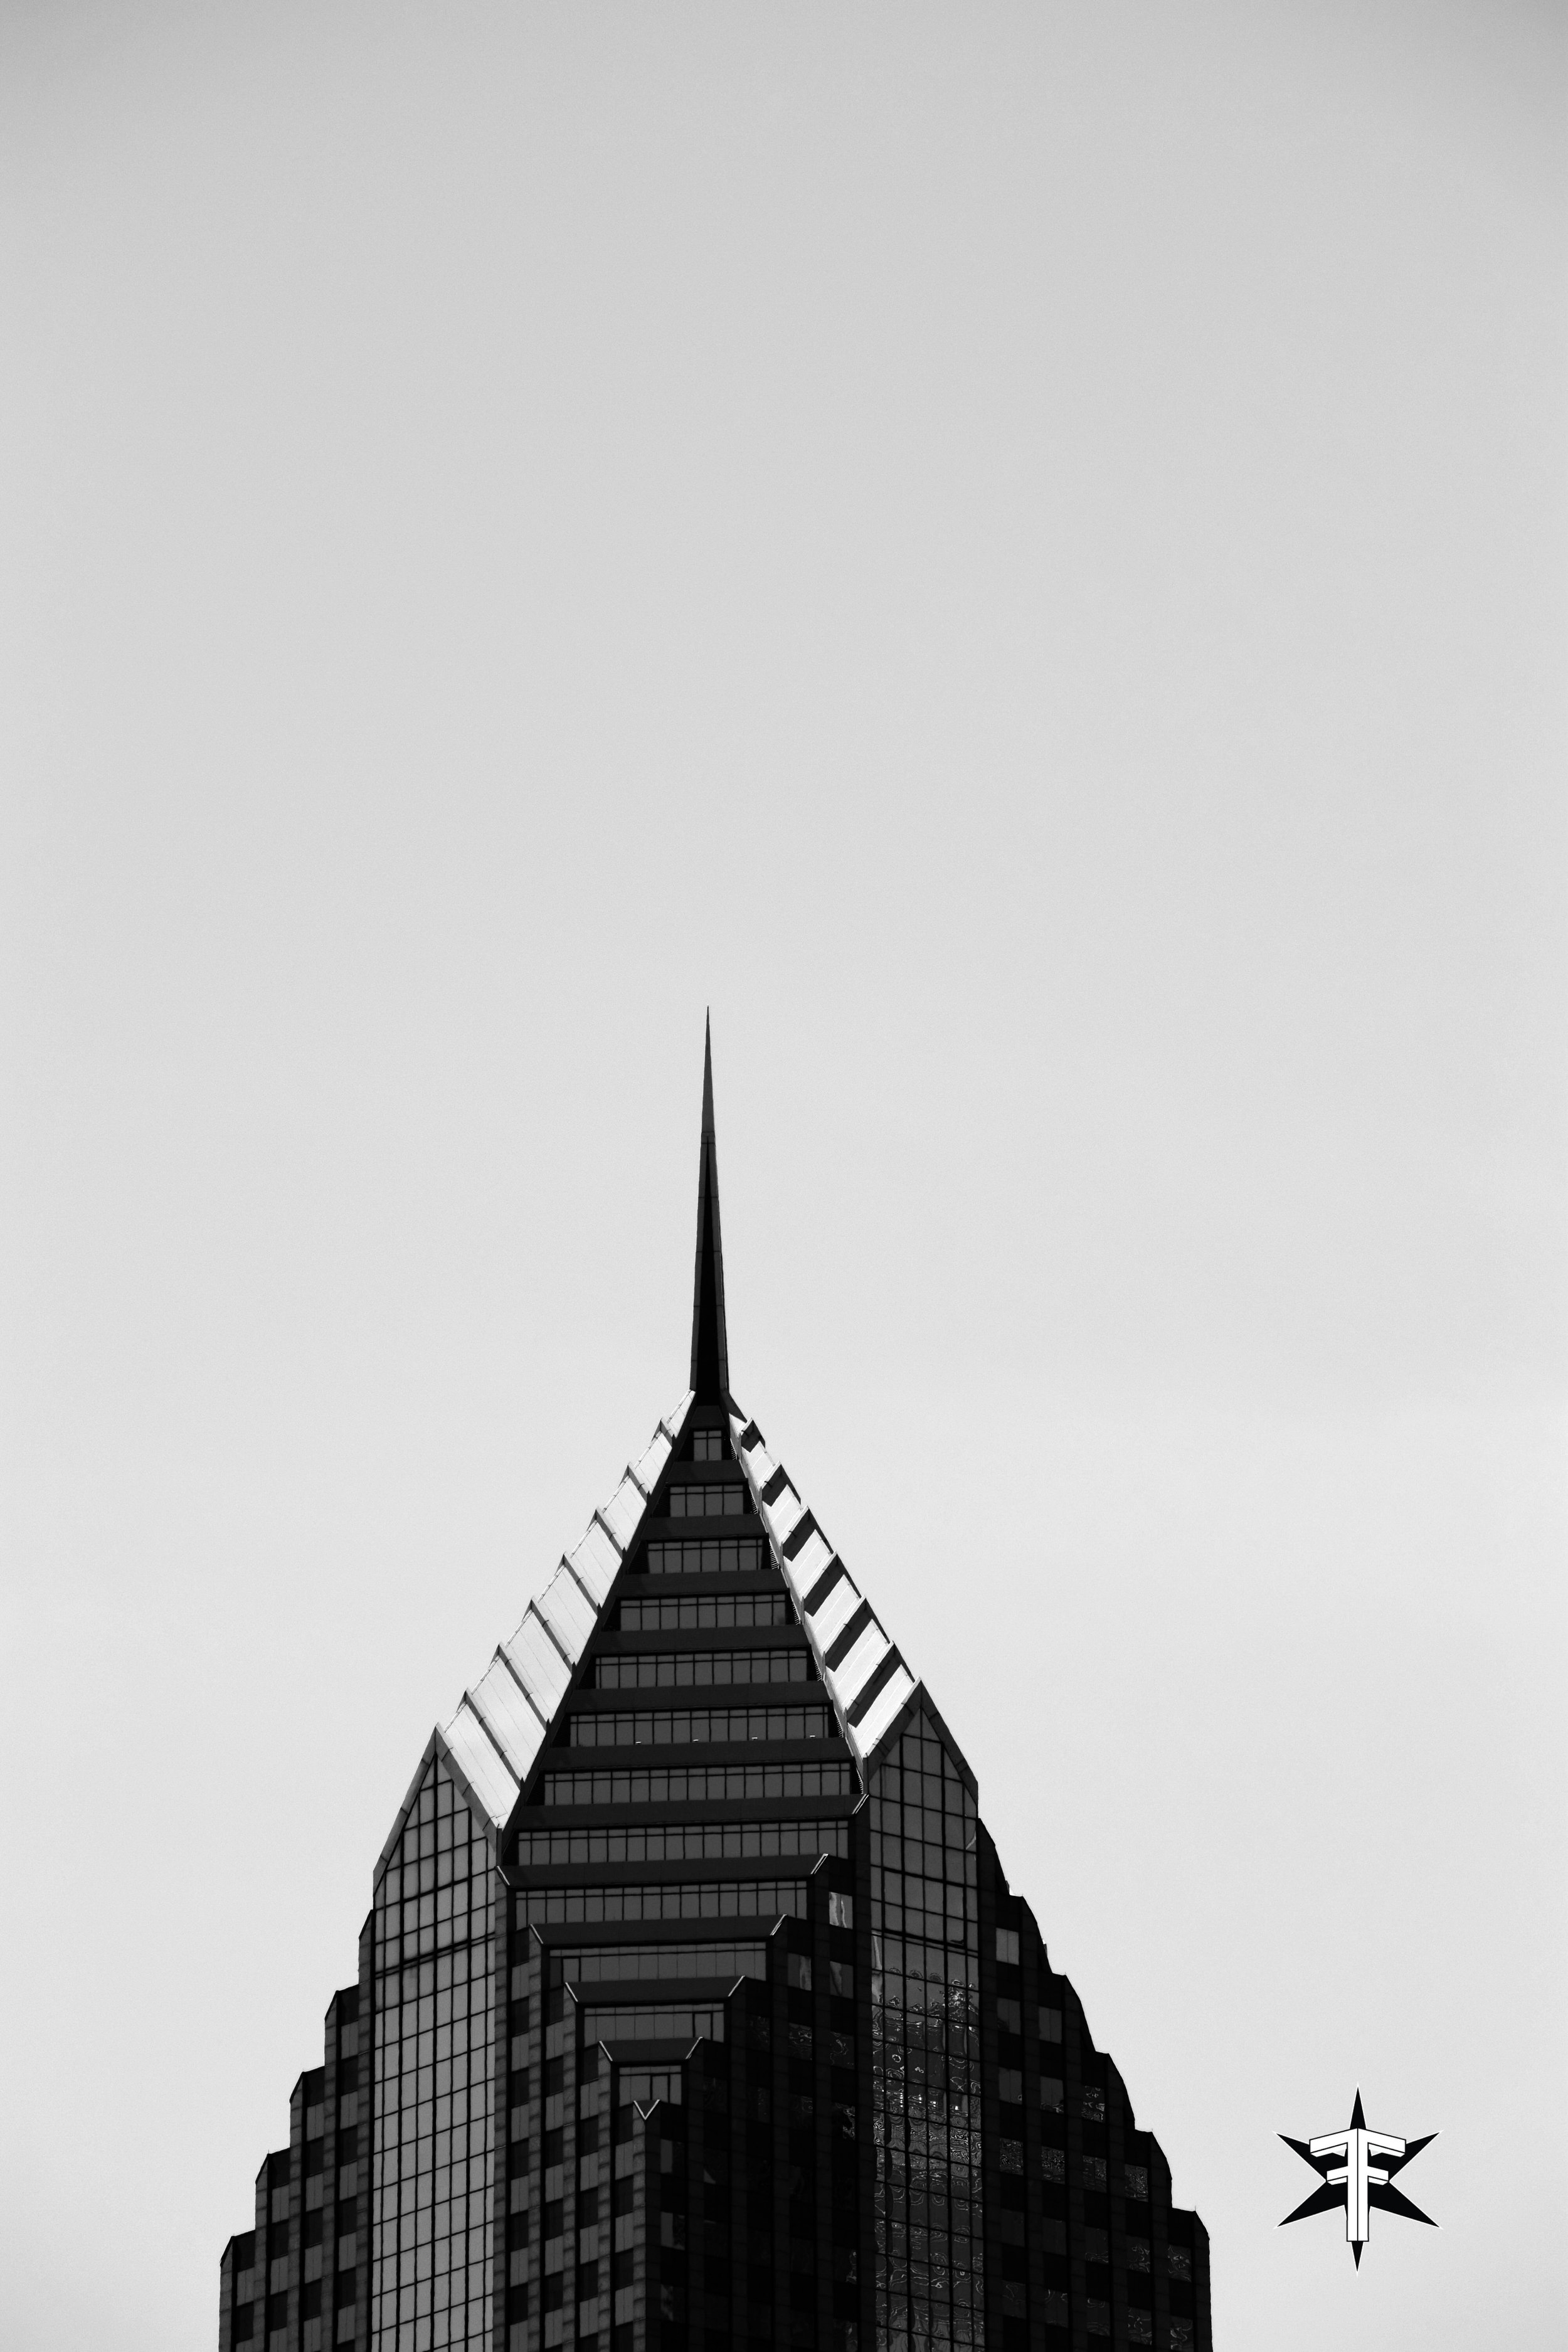 chicago architecture eric formato photography design arquitectura architettura buildings skyscraper skyscrapers-72.jpg